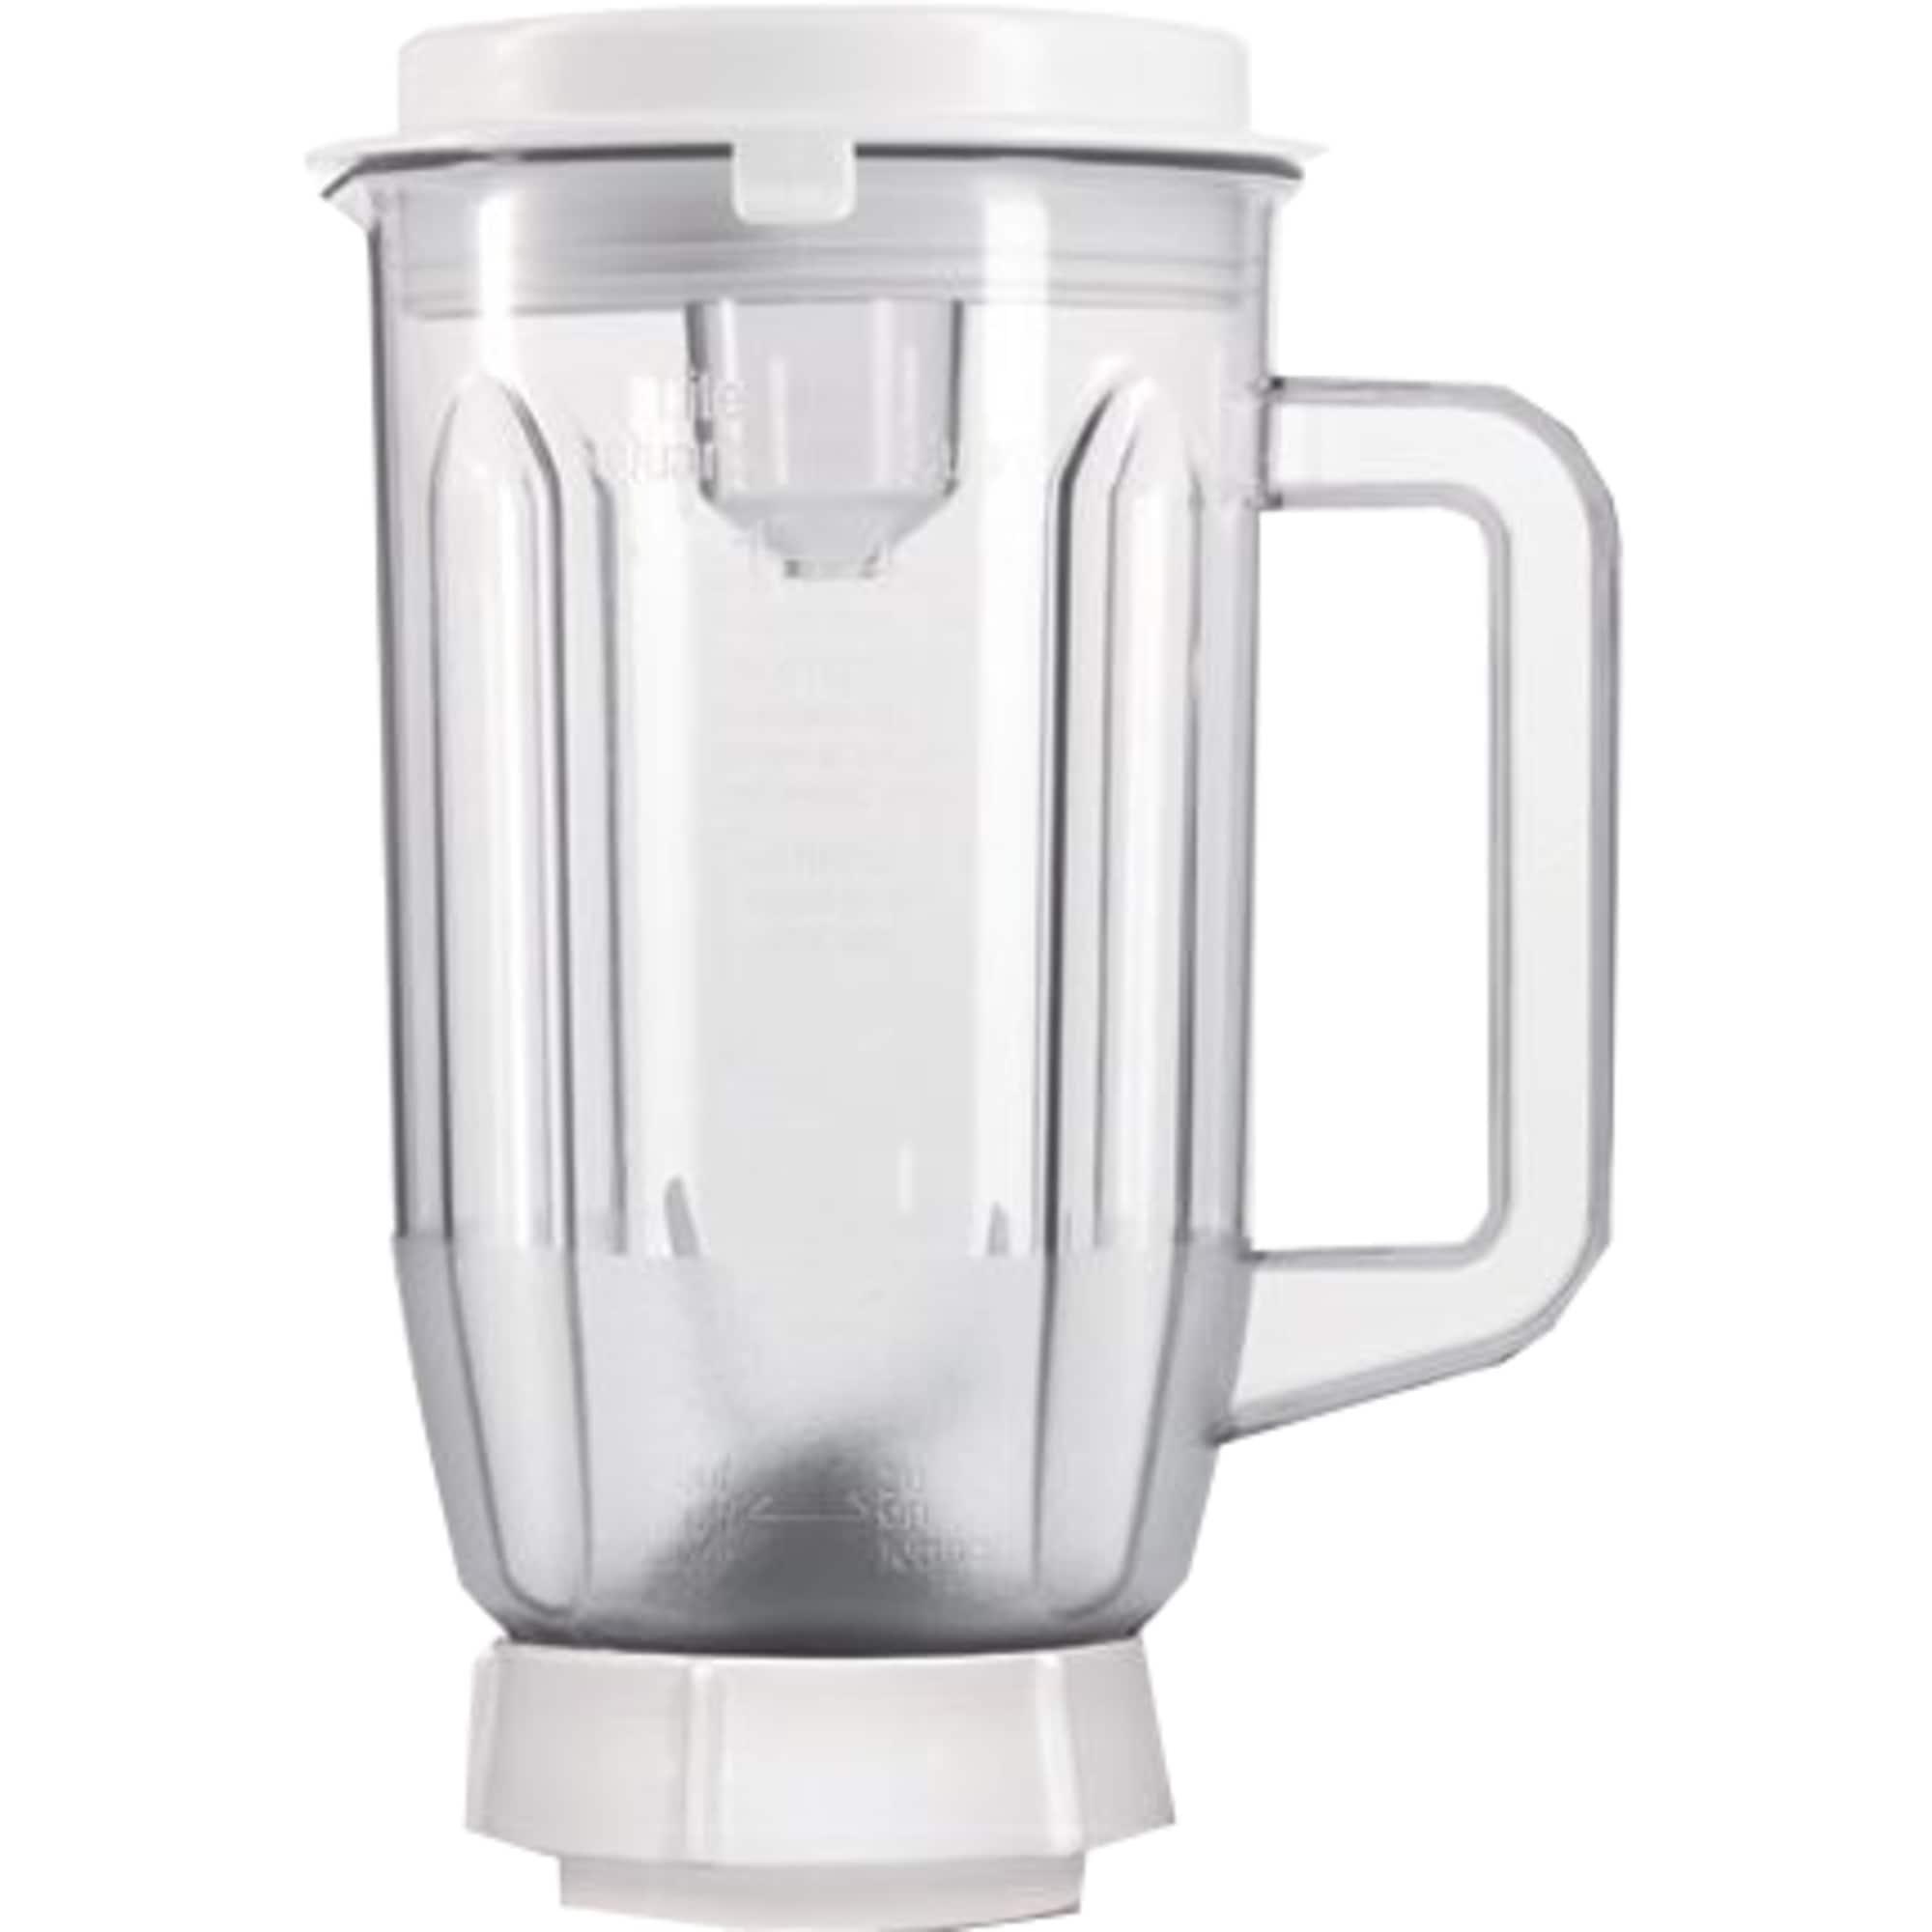 Bosch Küchenmaschine MUM4655EU weiß